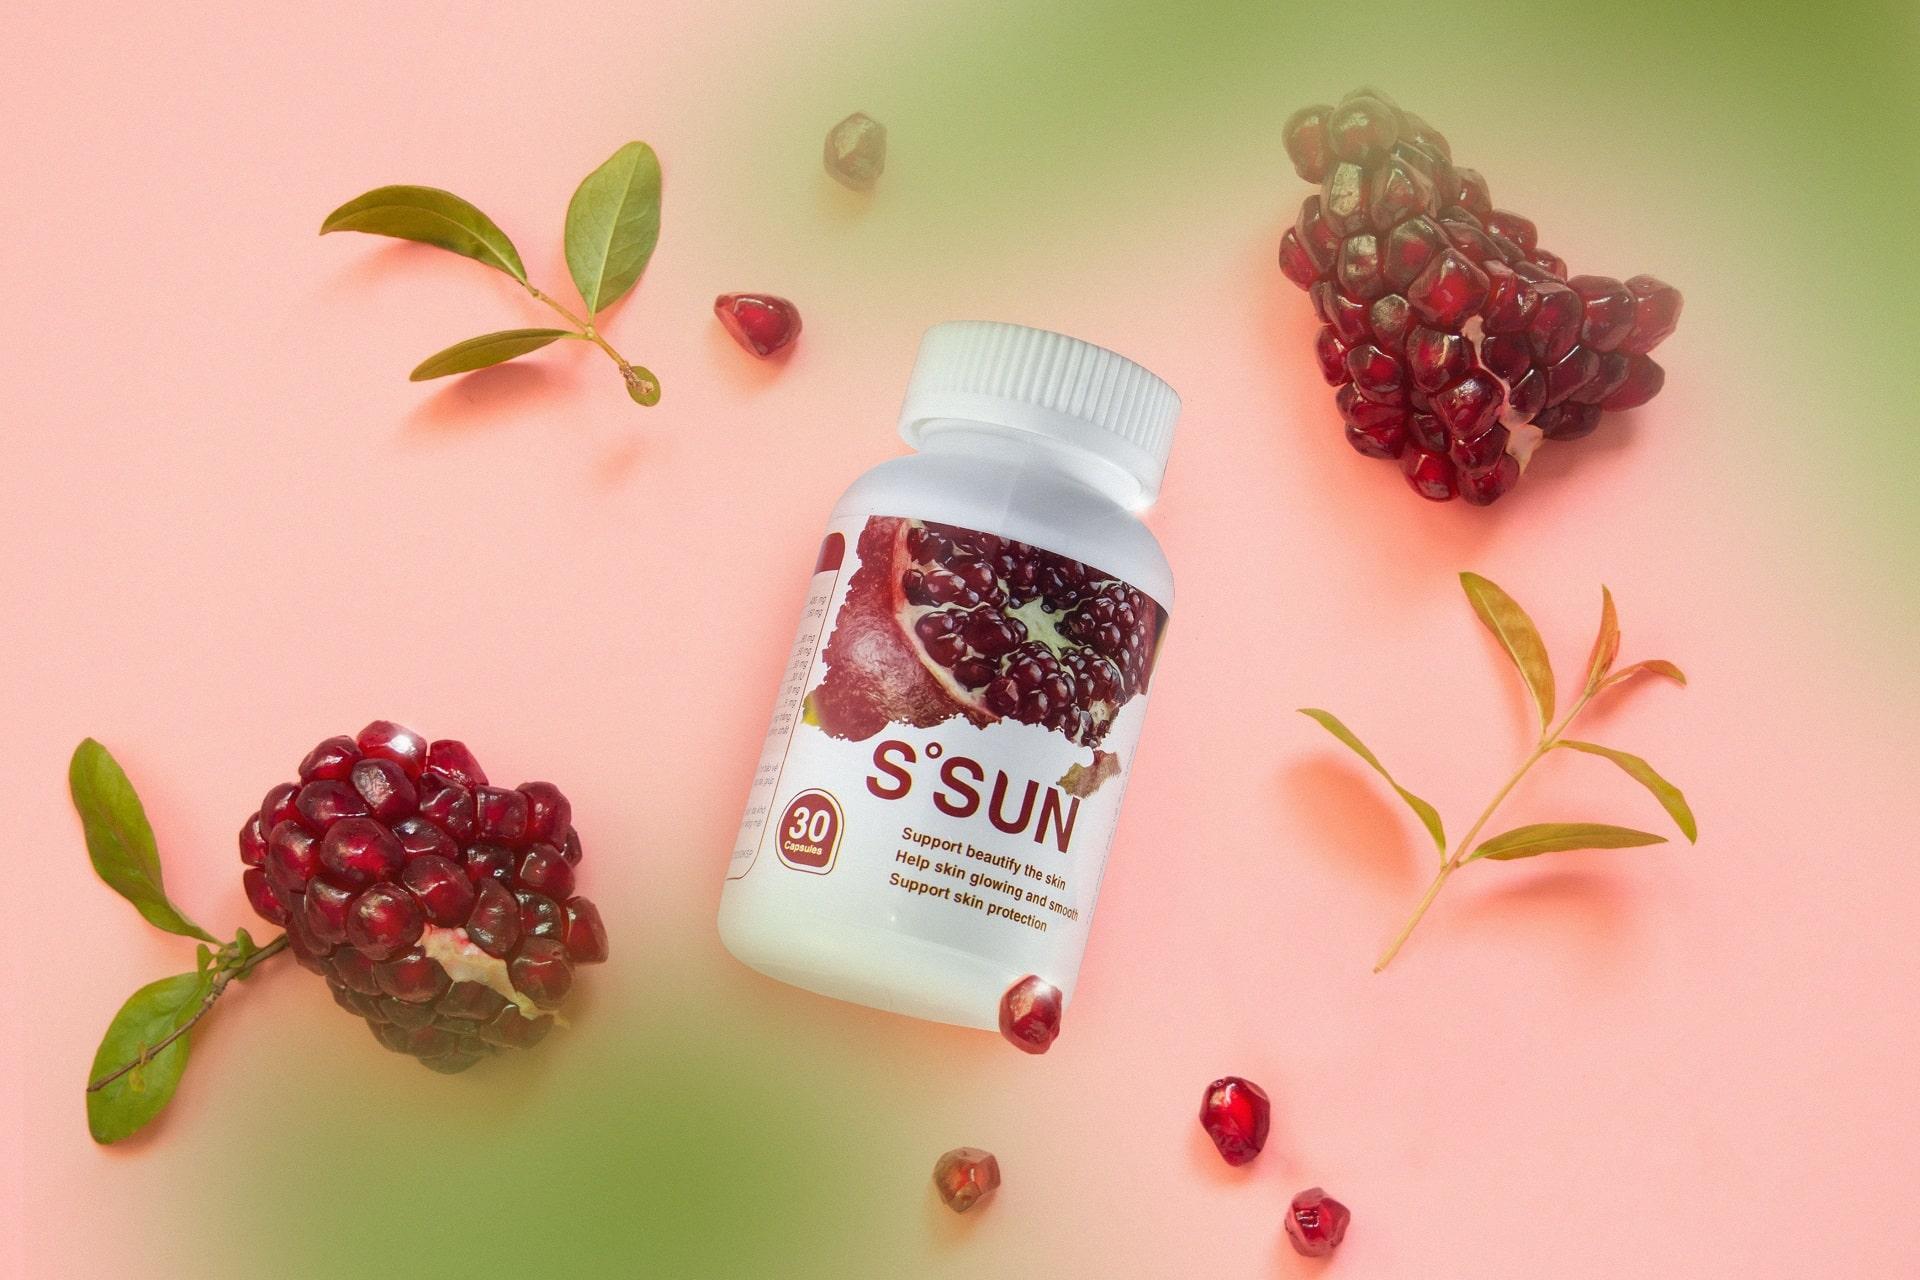 Viên Uống Chống Nắng Nội Sinh S Sun Hiệu Quả Từ Bên Trong